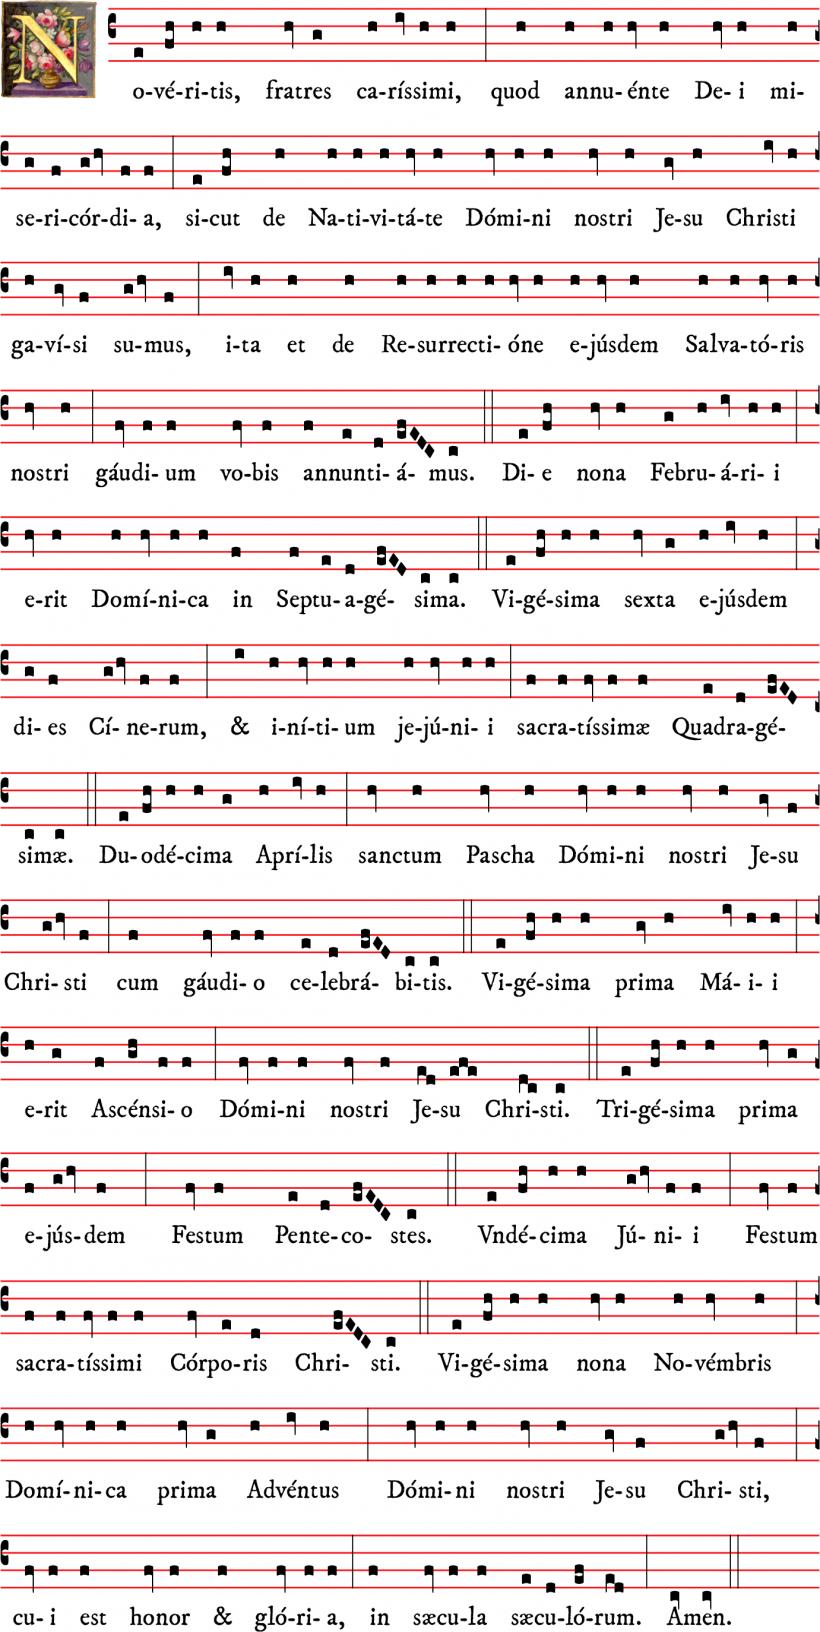 Noveritis Romanum 2020 : proclamation de la date de Pâques et des fêtes mobiles